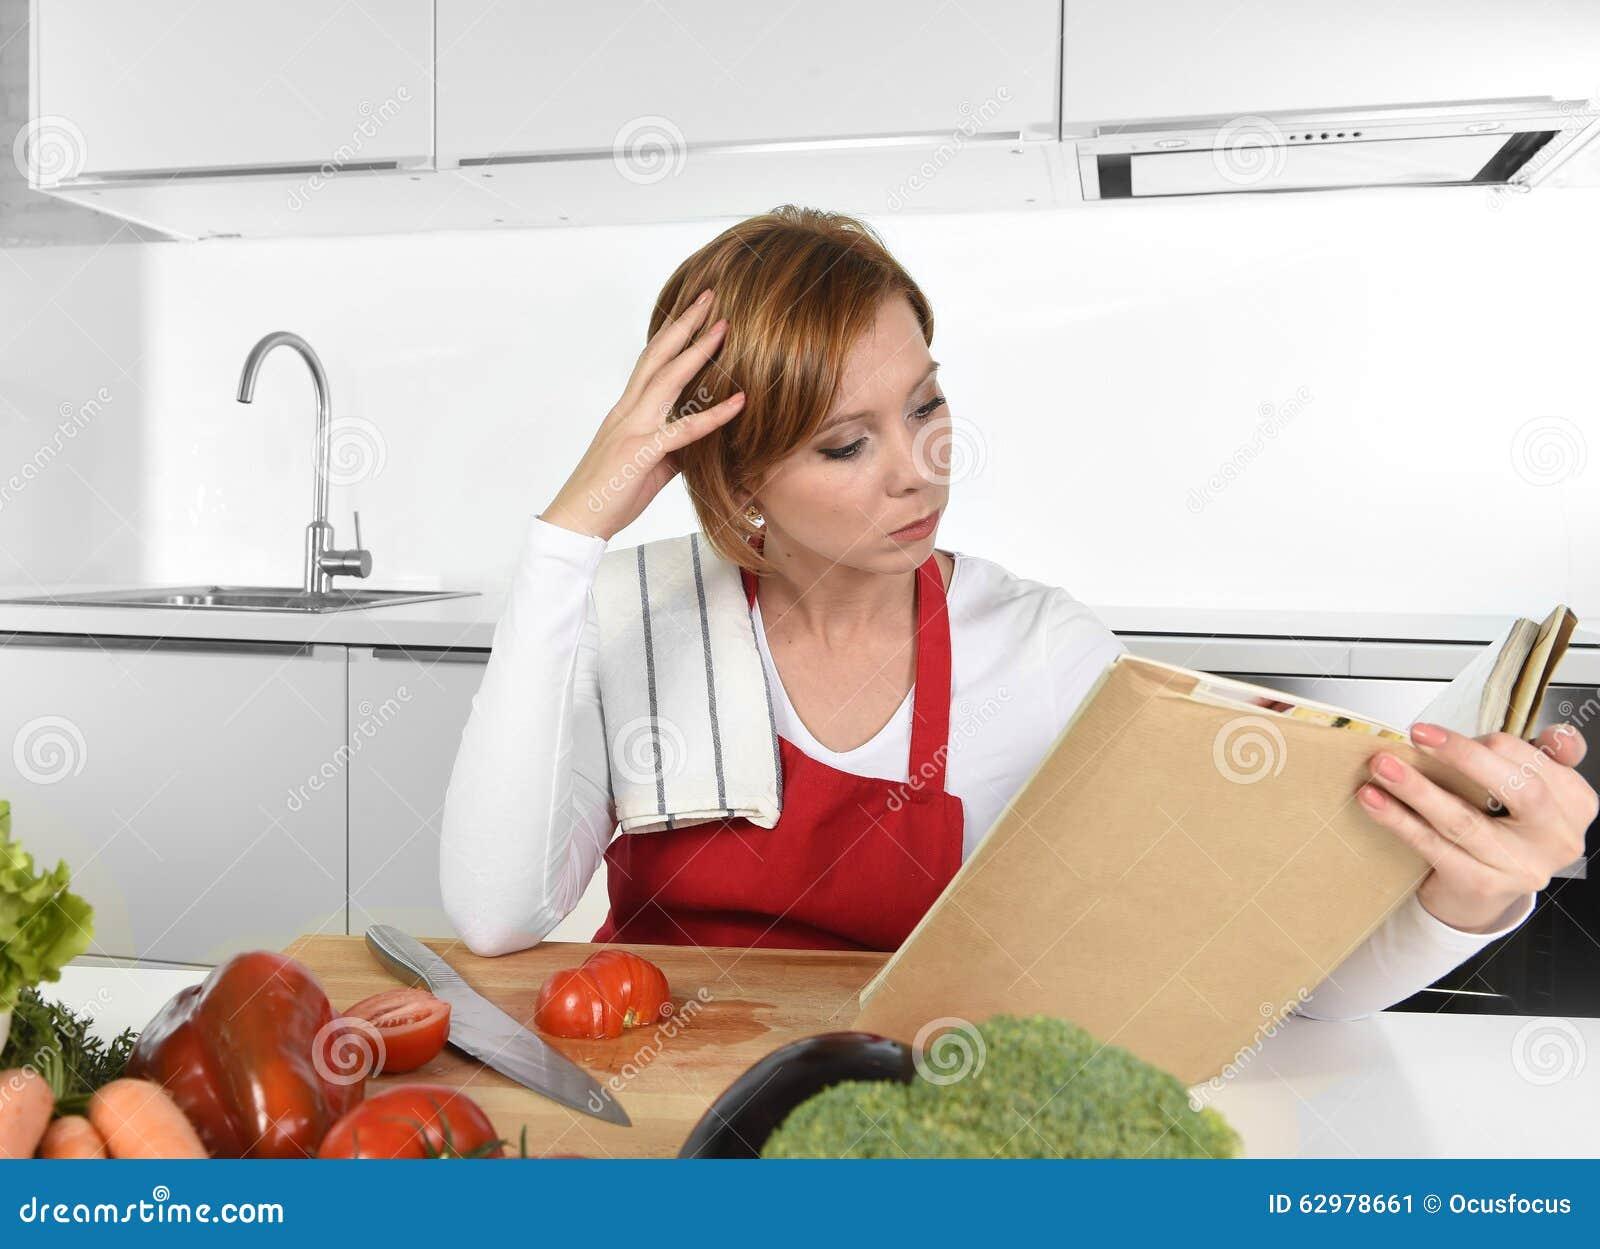 红色围裙的年轻美丽的家庭厨师妇女在现代国内厨房读书菜谱在食谱后